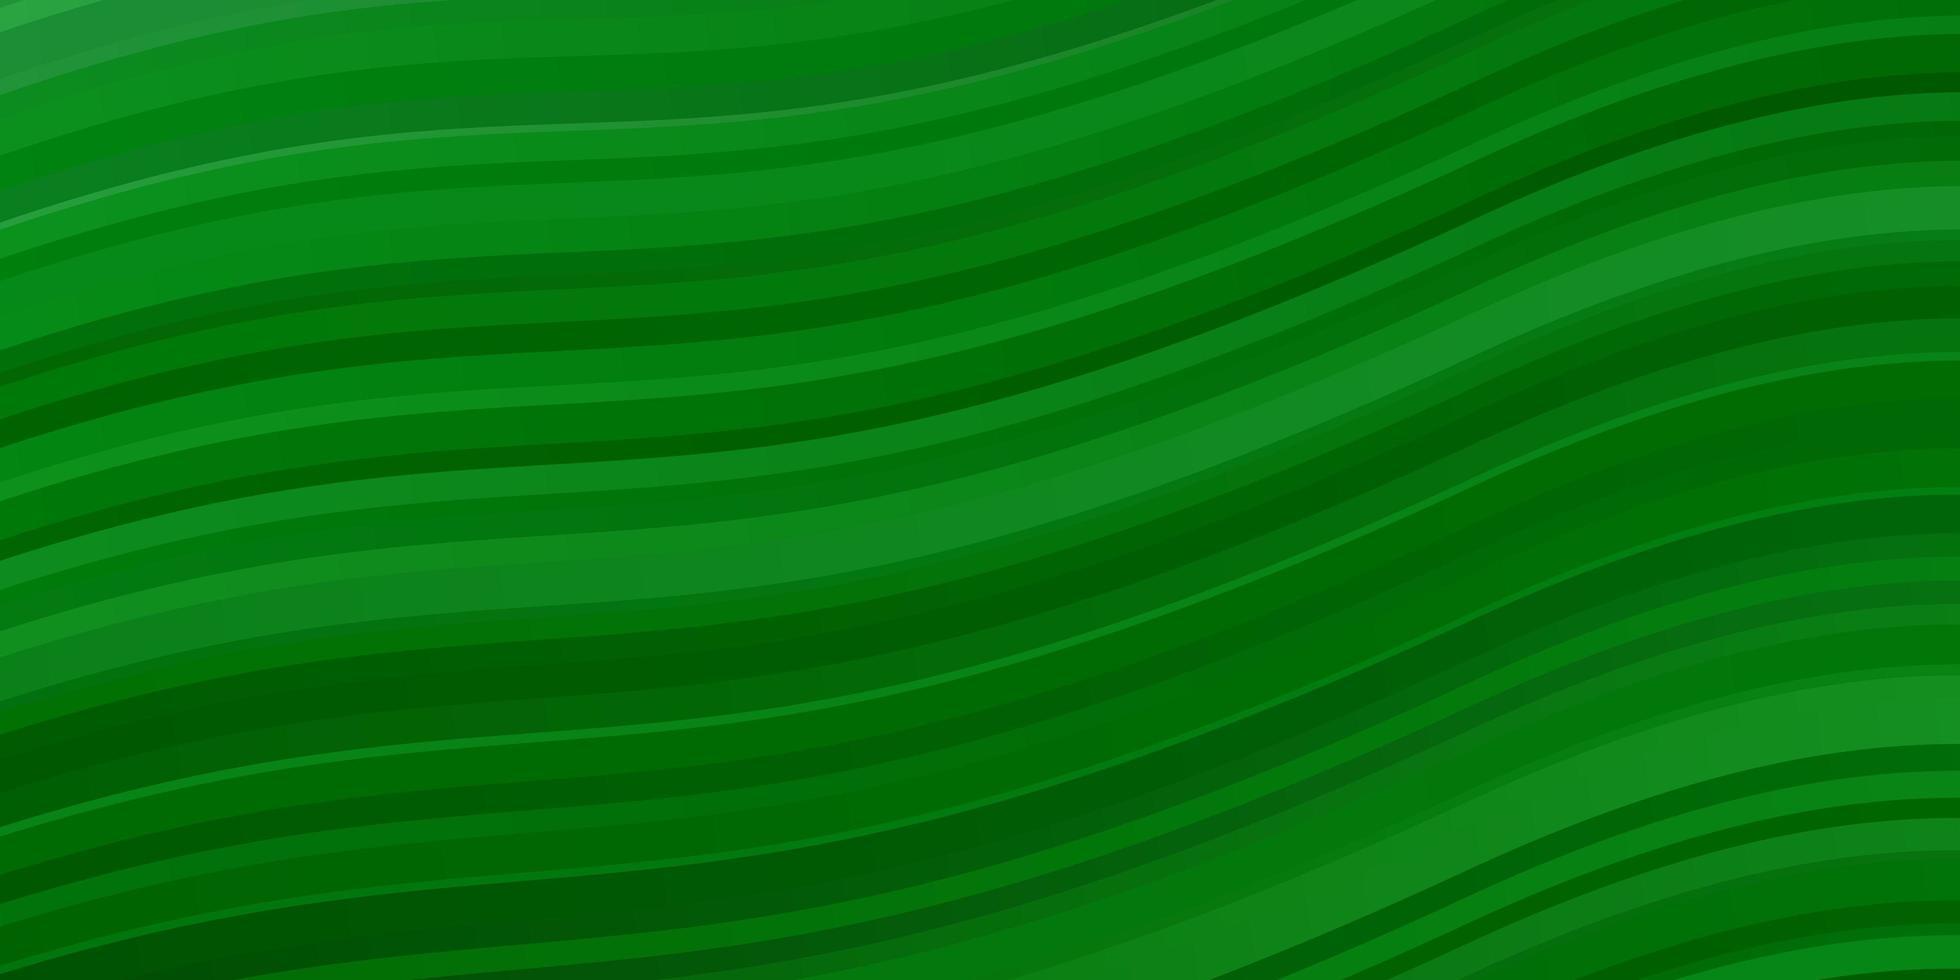 lichtgroene achtergrond met gebogen lijnen. vector